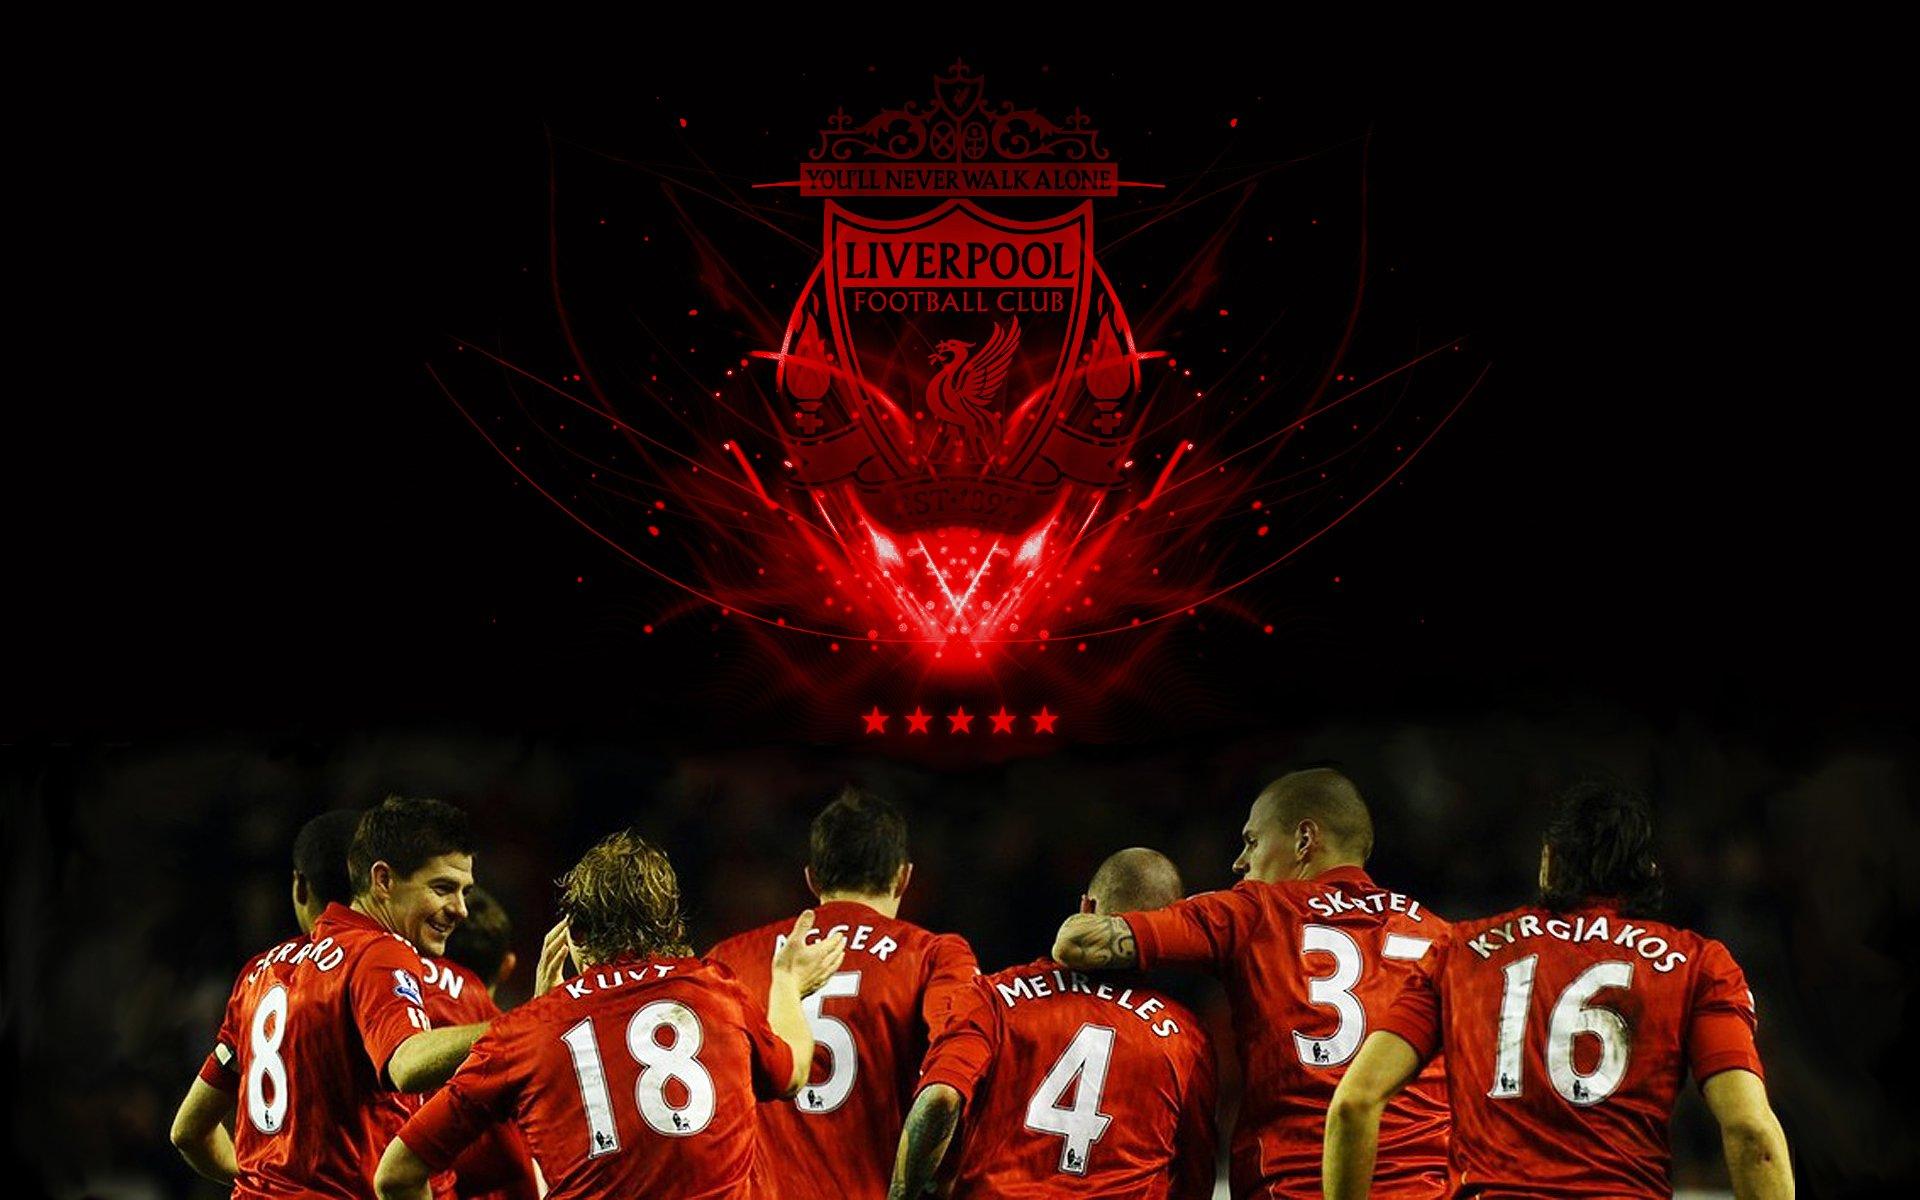 Steven Gerrard Quotes Wallpaper Free Download Liverpool Backgrounds Pixelstalk Net